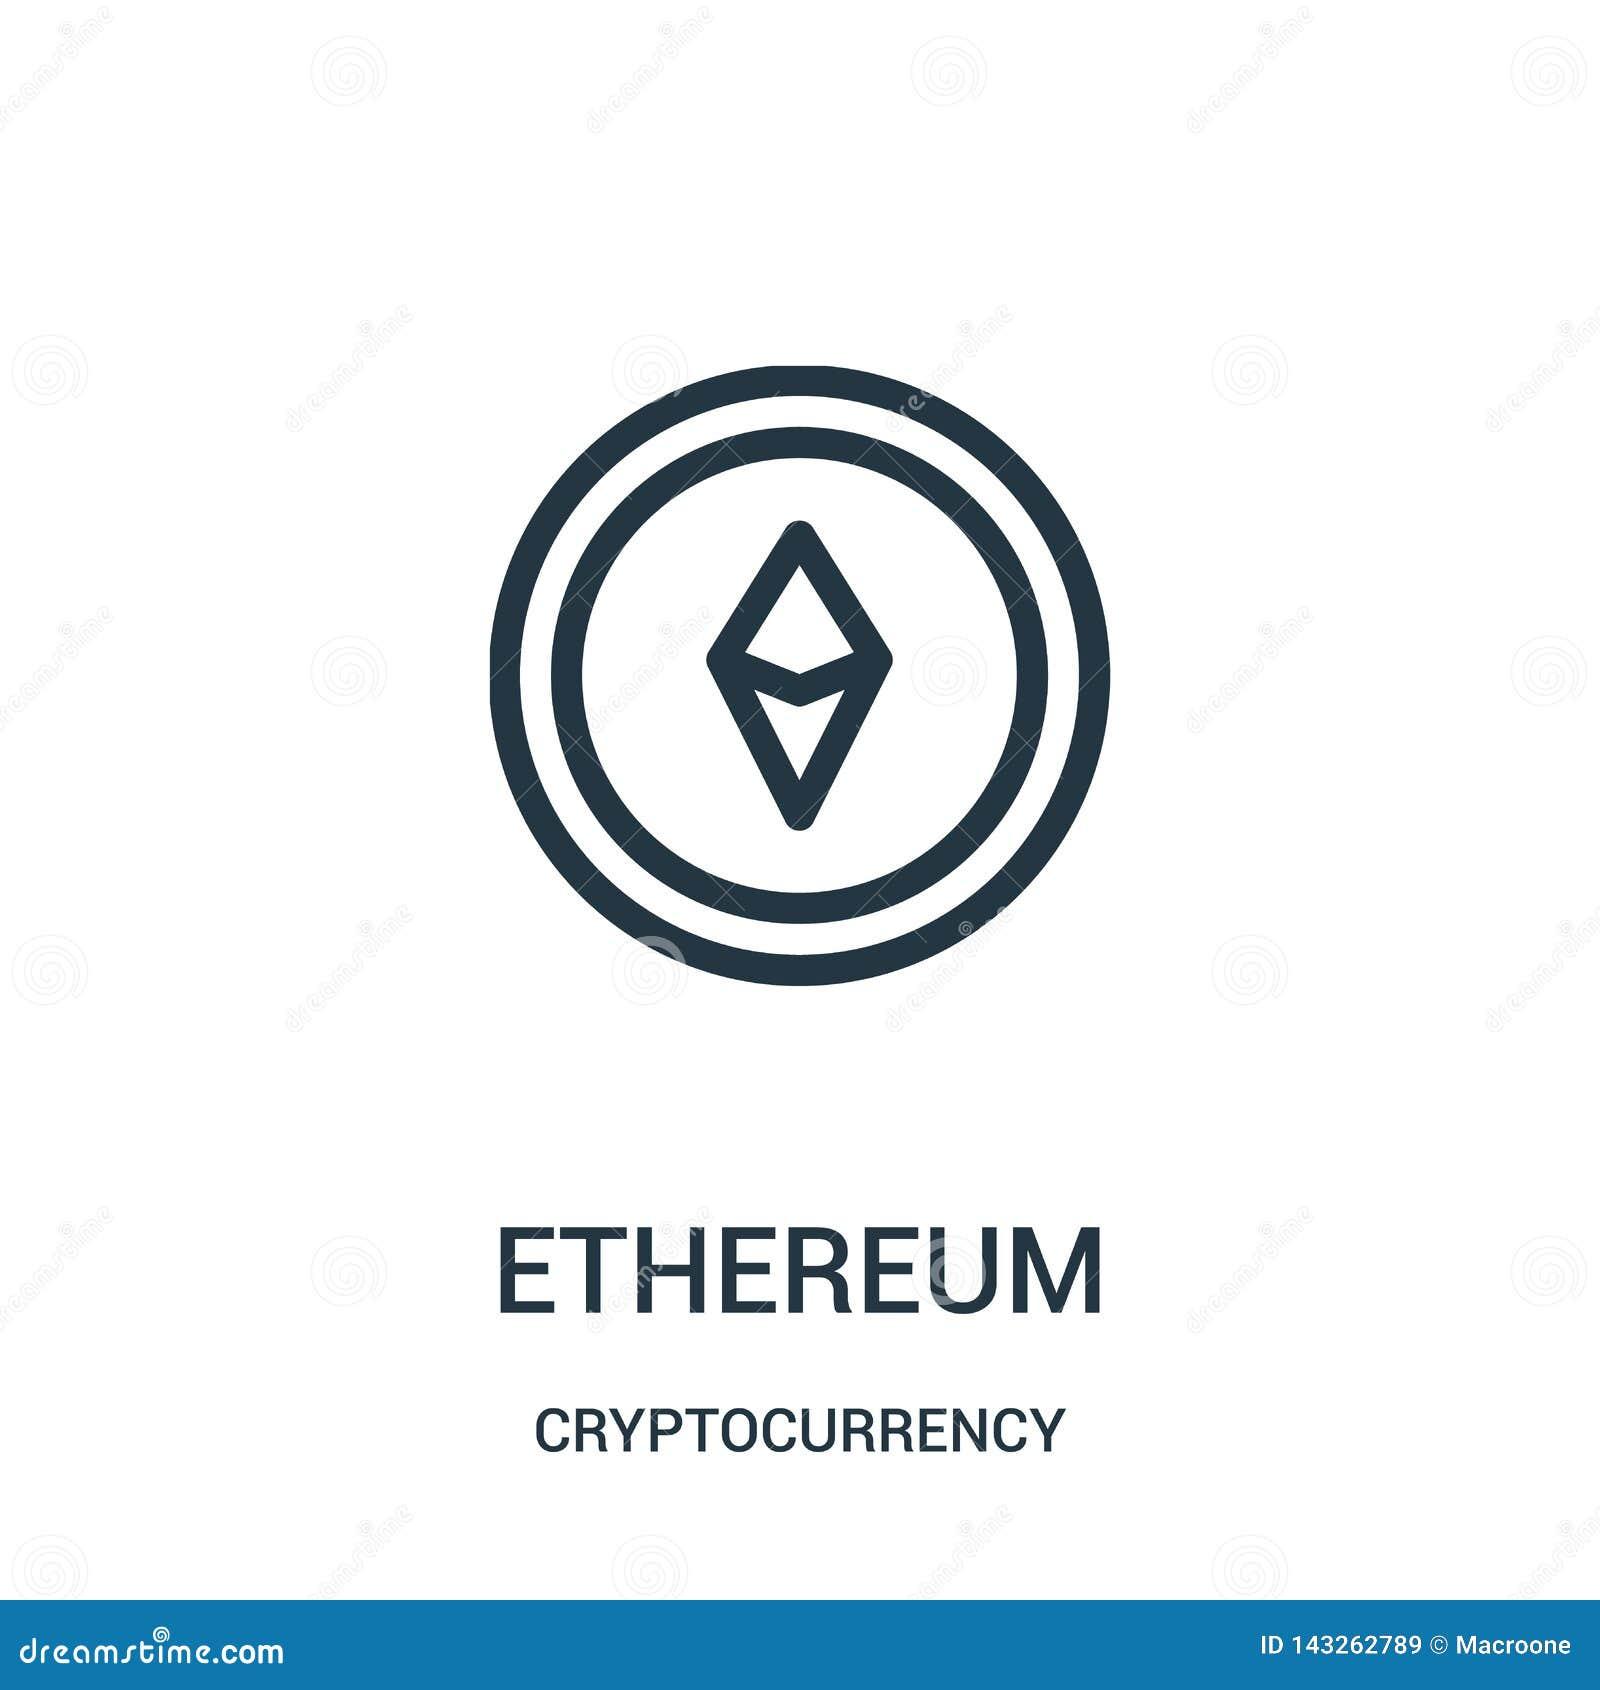 διάνυσμα εικονιδίων ethereum από τη συλλογή cryptocurrency Λεπτή διανυσματική απεικόνιση εικονιδίων περιλήψεων ethereum γραμμών